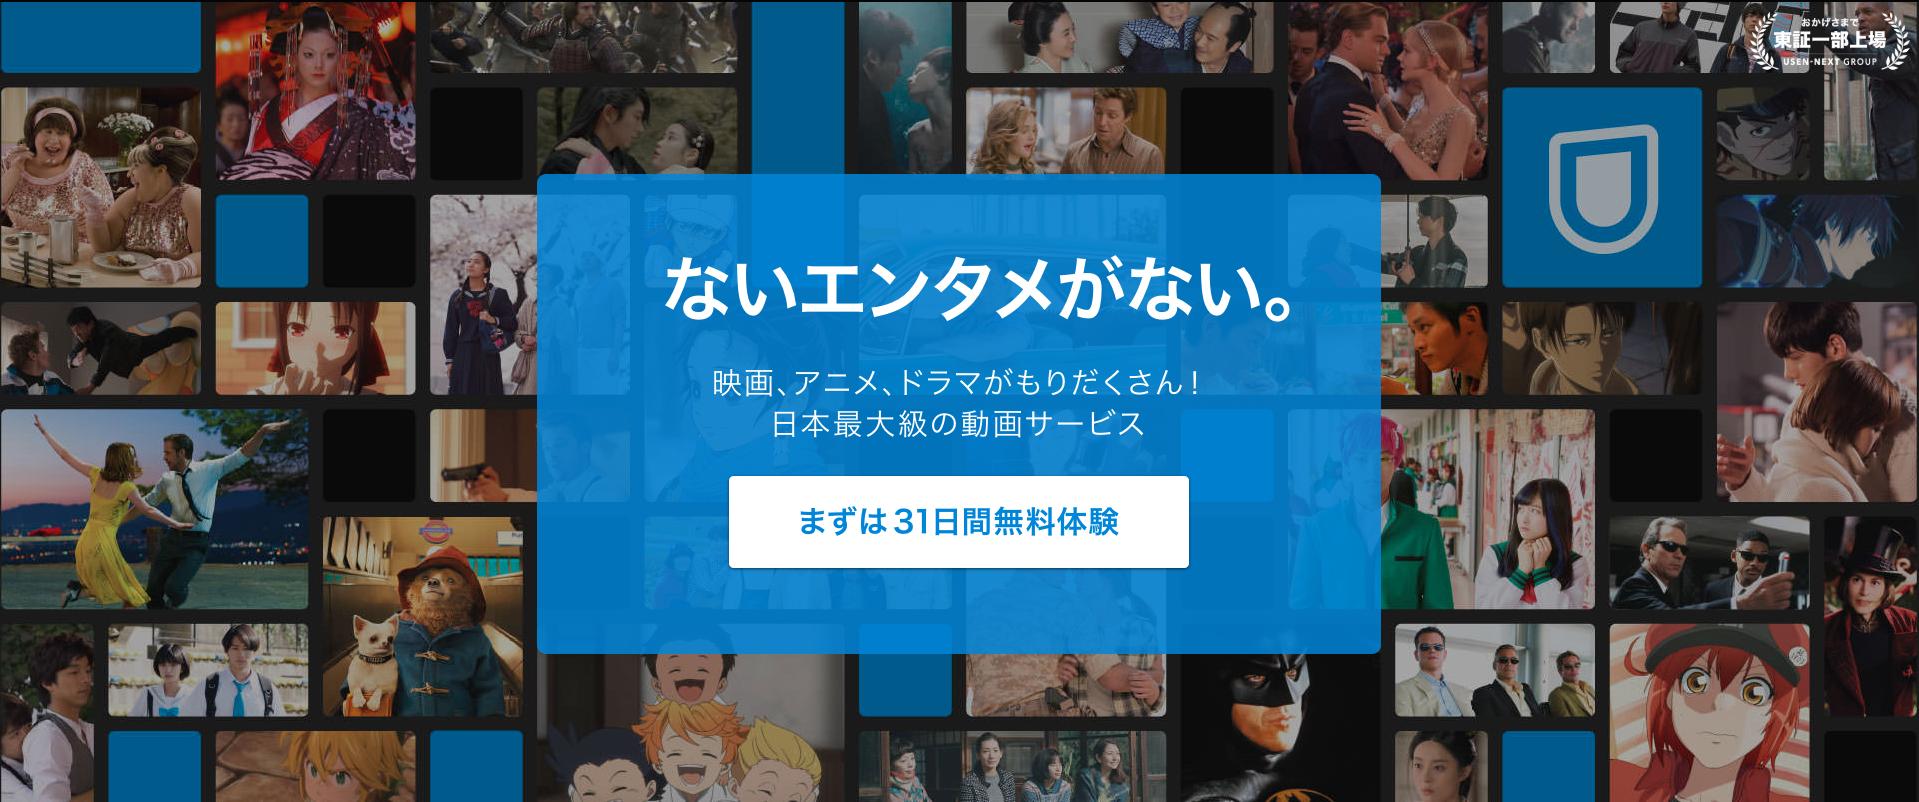 スクリーンショット 2020-03-03 2.21.34